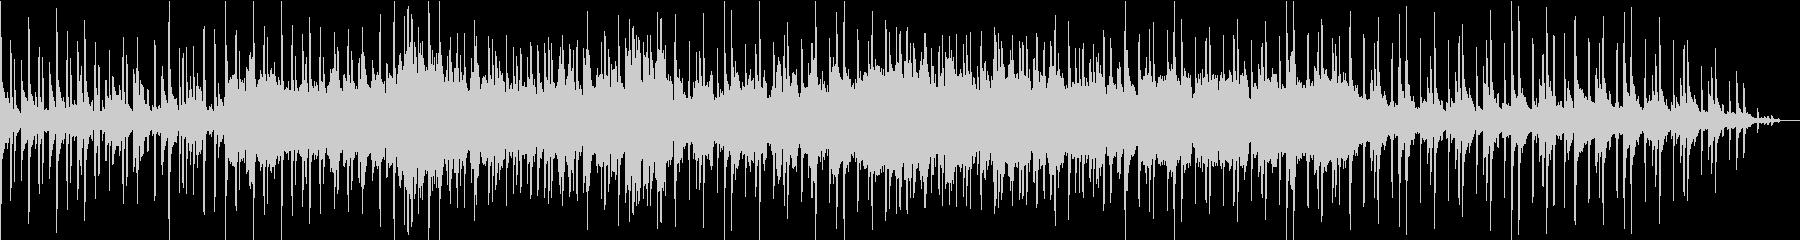 未来を奏でる二胡の旋律が美しいBGMの未再生の波形